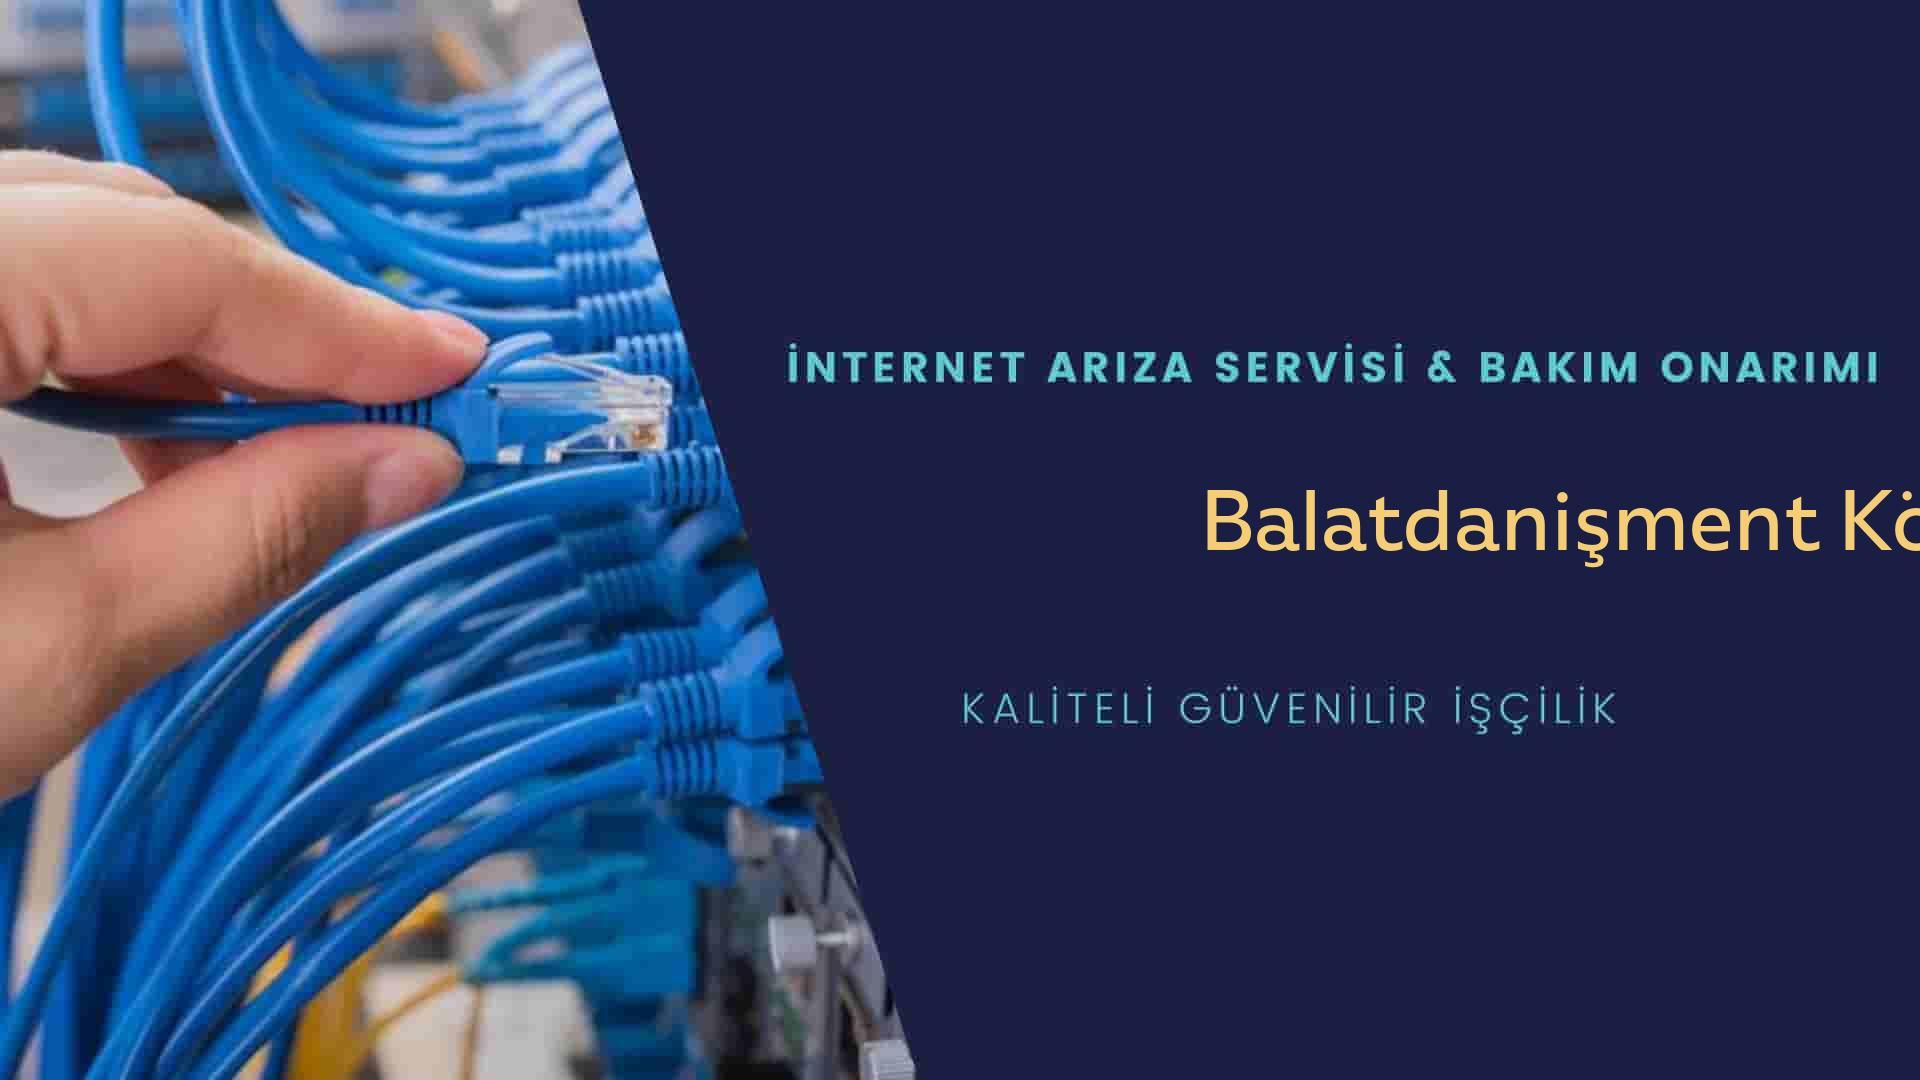 Balatdanişment Köyü internet kablosu çekimi yapan yerler veya elektrikçiler mi? arıyorsunuz doğru yerdesiniz o zaman sizlere 7/24 yardımcı olacak profesyonel ustalarımız bir telefon kadar yakındır size.